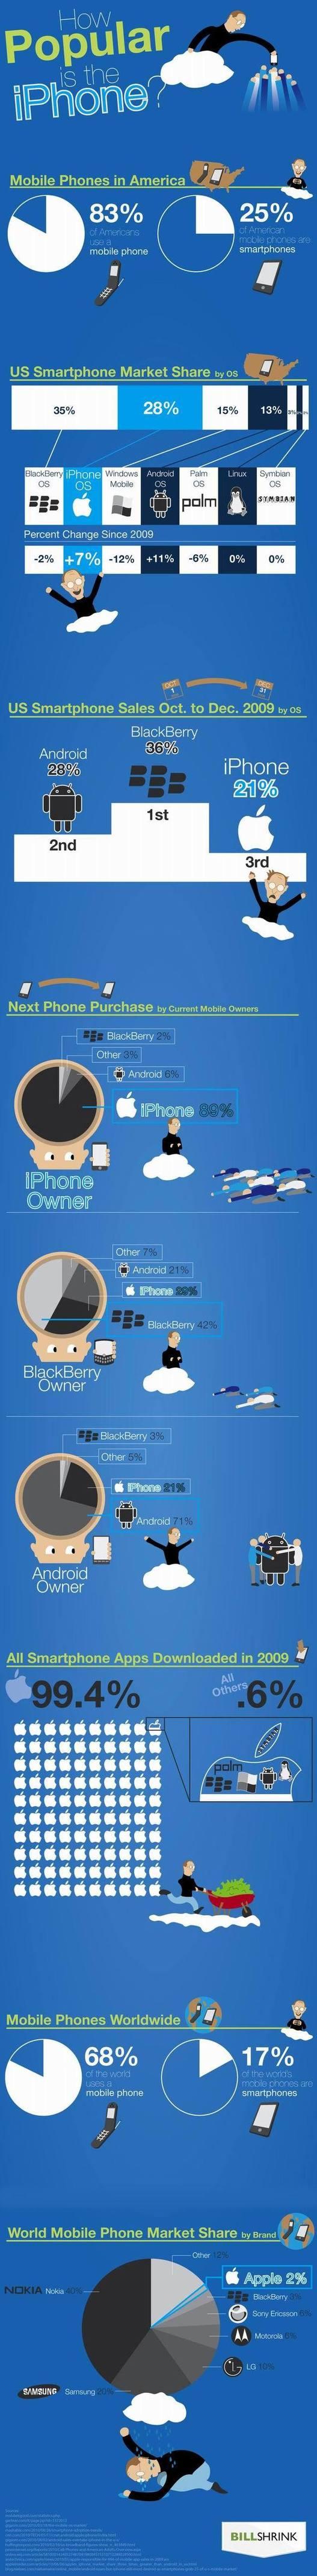 La réelle popularité de l'iPhone en 1 image